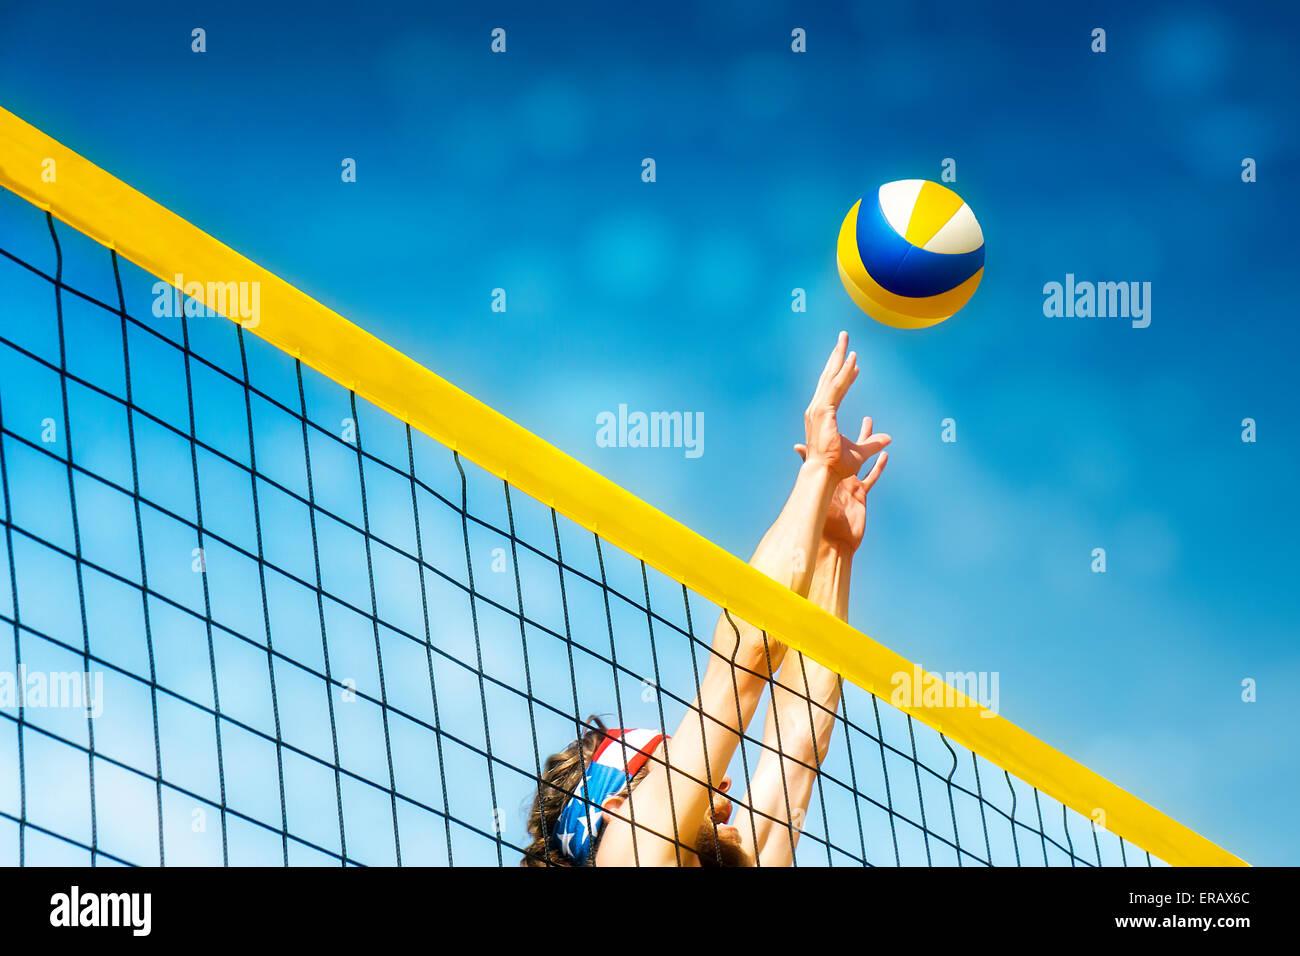 Beachvolley jugador de pelota salta en la red e intenta bloquea la bola Imagen De Stock